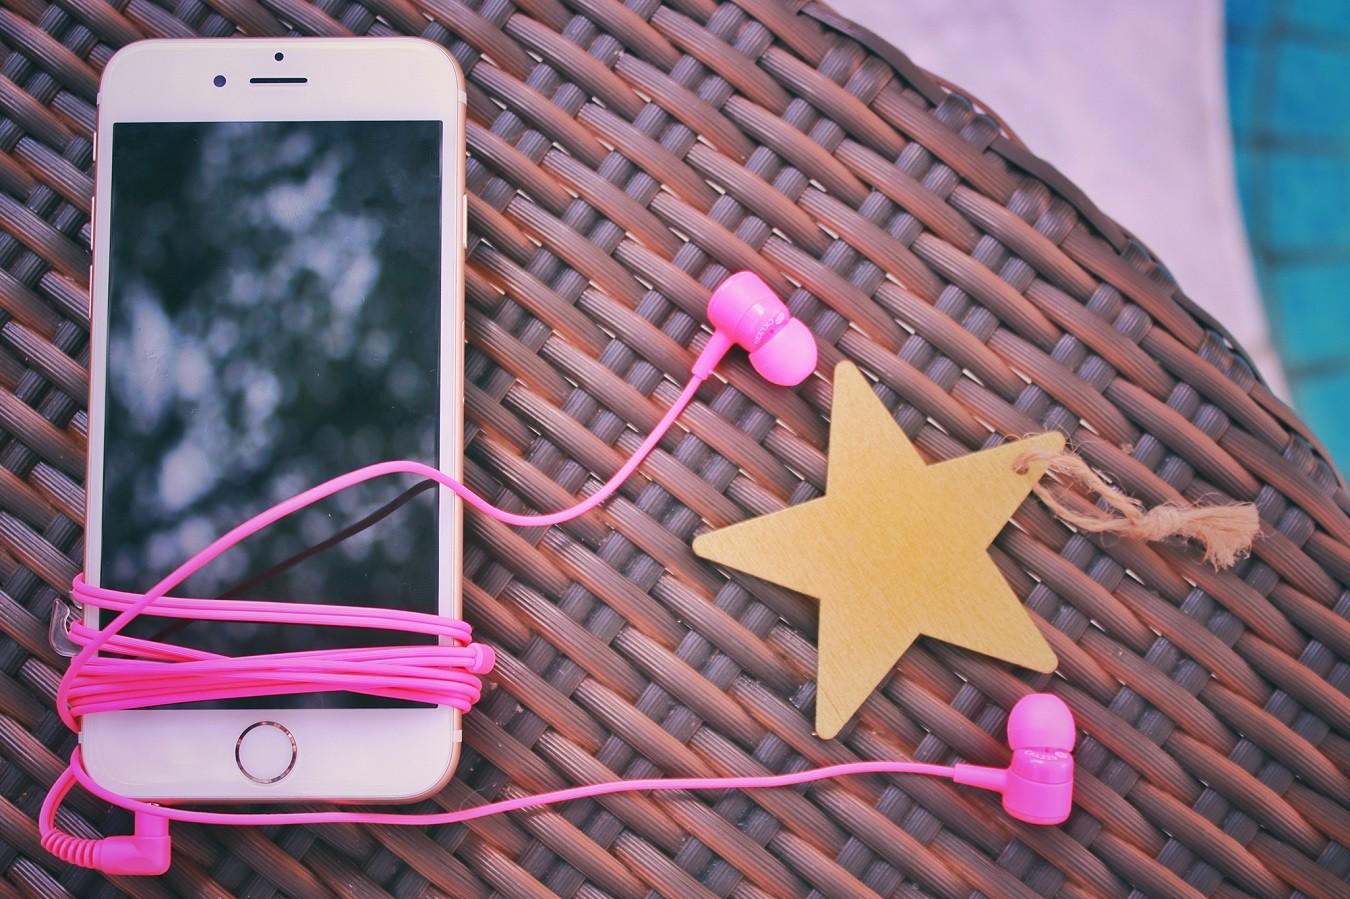 ピンク色のもの